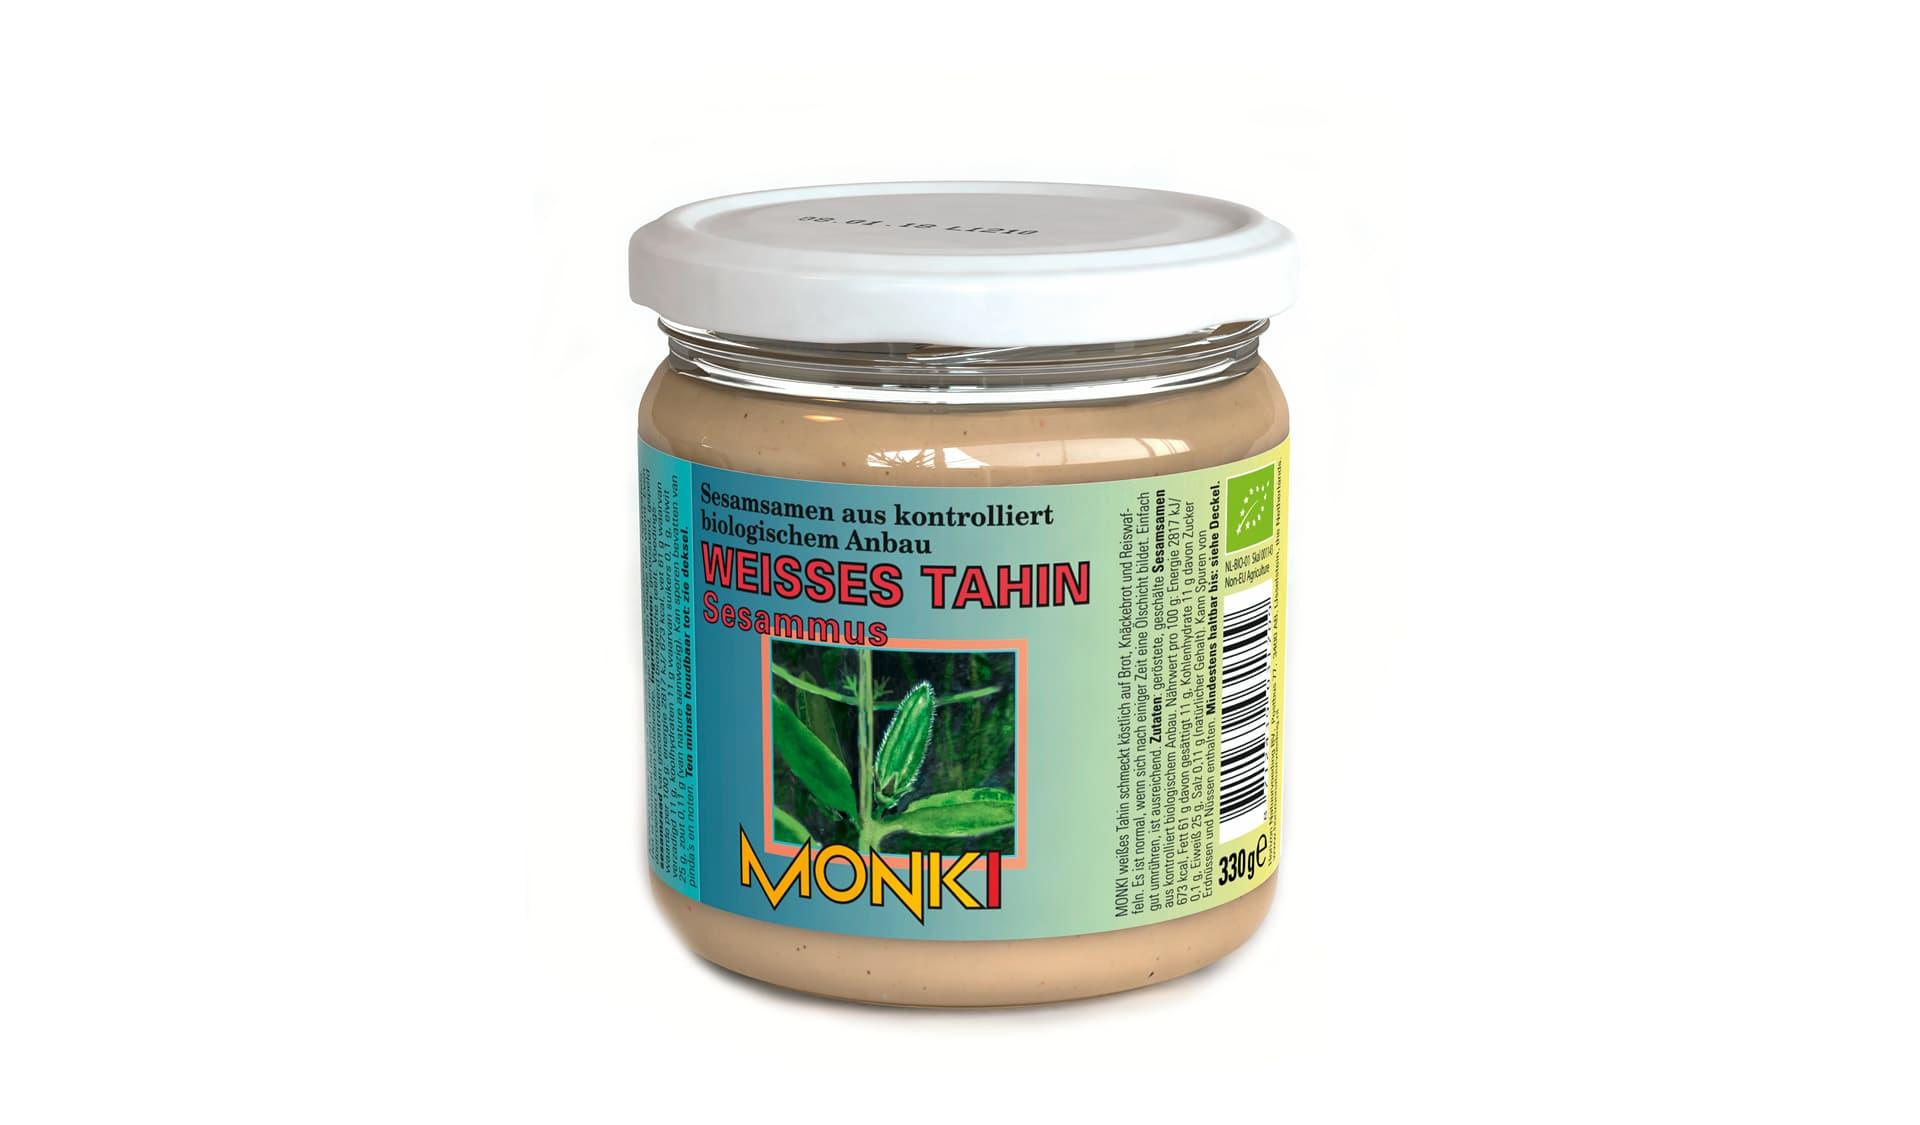 Monki Weißes Tahin Sesammus (www.horizonnatuurvoeding.nl)